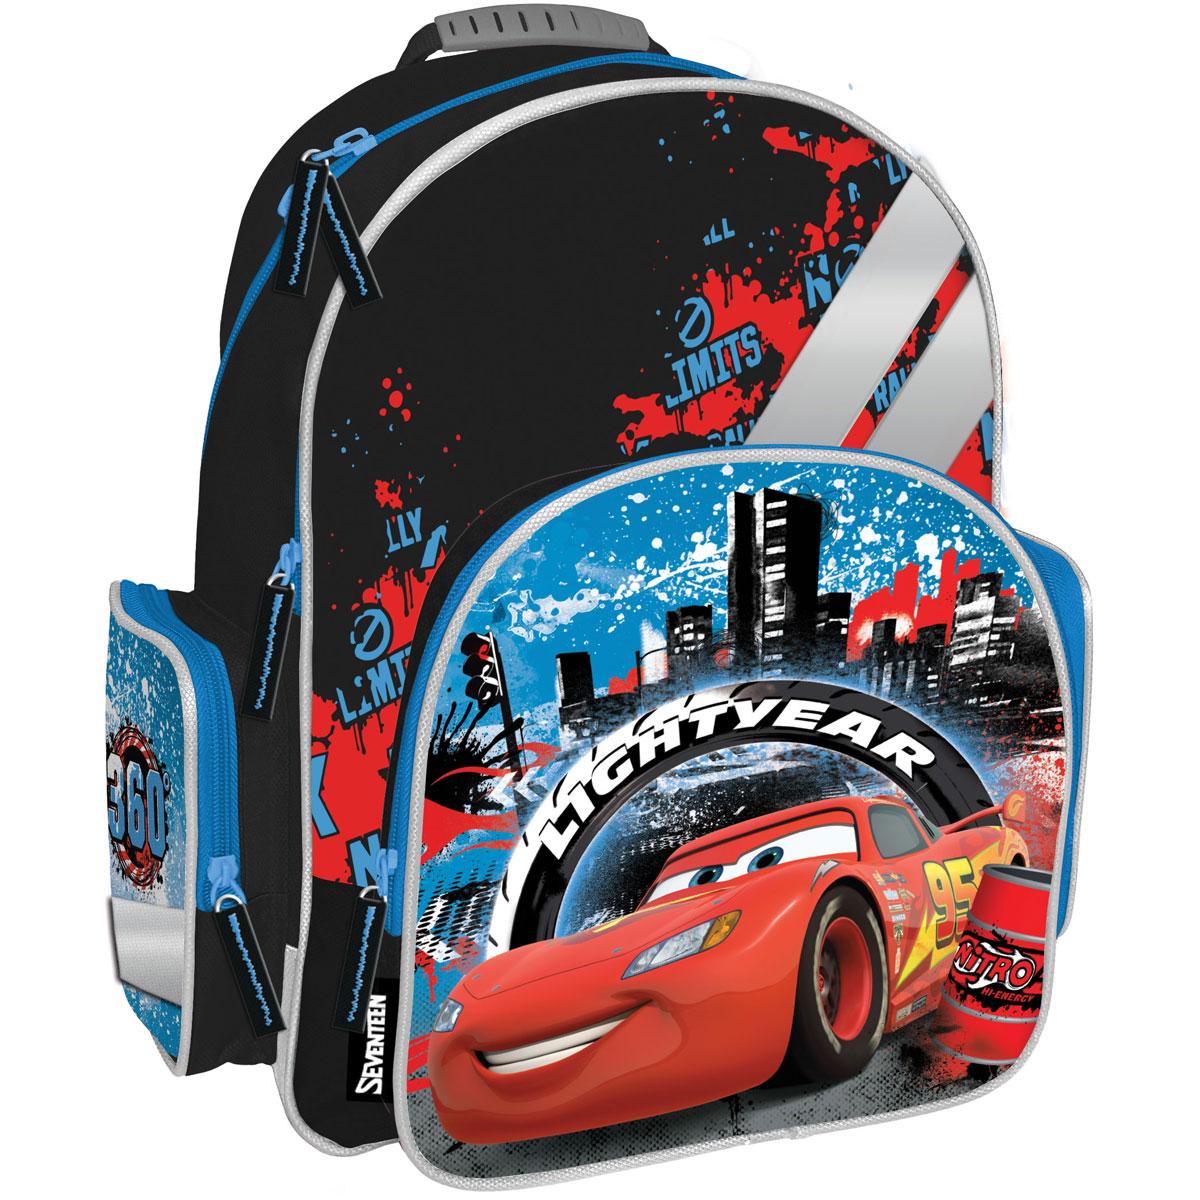 Рюкзак школьный Cars, цвет: черный, голубой, красный. CRCB-MT1-9621CRCB-MT1-9621Рюкзак Cars обязательно понравится вашему школьнику. Выполнен из прочных и высококачественных материалов, дополнен изображением героя из известного мультфильма Тачки. Содержит два вместительных отделения, закрывающиеся на застежки-молнии. В большом отделении находятся две перегородки для тетрадей или учебников. Лицевая сторона оснащена накладным карманом на молнии. По бокам расположены два накладных кармана: на застежке-молнии и открытый, стянутый сверху резинкой. Специально разработанная архитектура спинки со стабилизирующими набивными элементами повторяет естественный изгиб позвоночника. Набивные элементы обеспечивают вентиляцию спины ребенка. Плечевые лямки анатомической формы равномерно распределяют нагрузку на плечевую и воротниковую зоны. Конструкция пряжки лямок позволяет отрегулировать рюкзак по фигуре. Рюкзак оснащен эргономичной ручкой для удобной переноски в руке. Светоотражающие элементы обеспечивают безопасность в темное время суток. ...